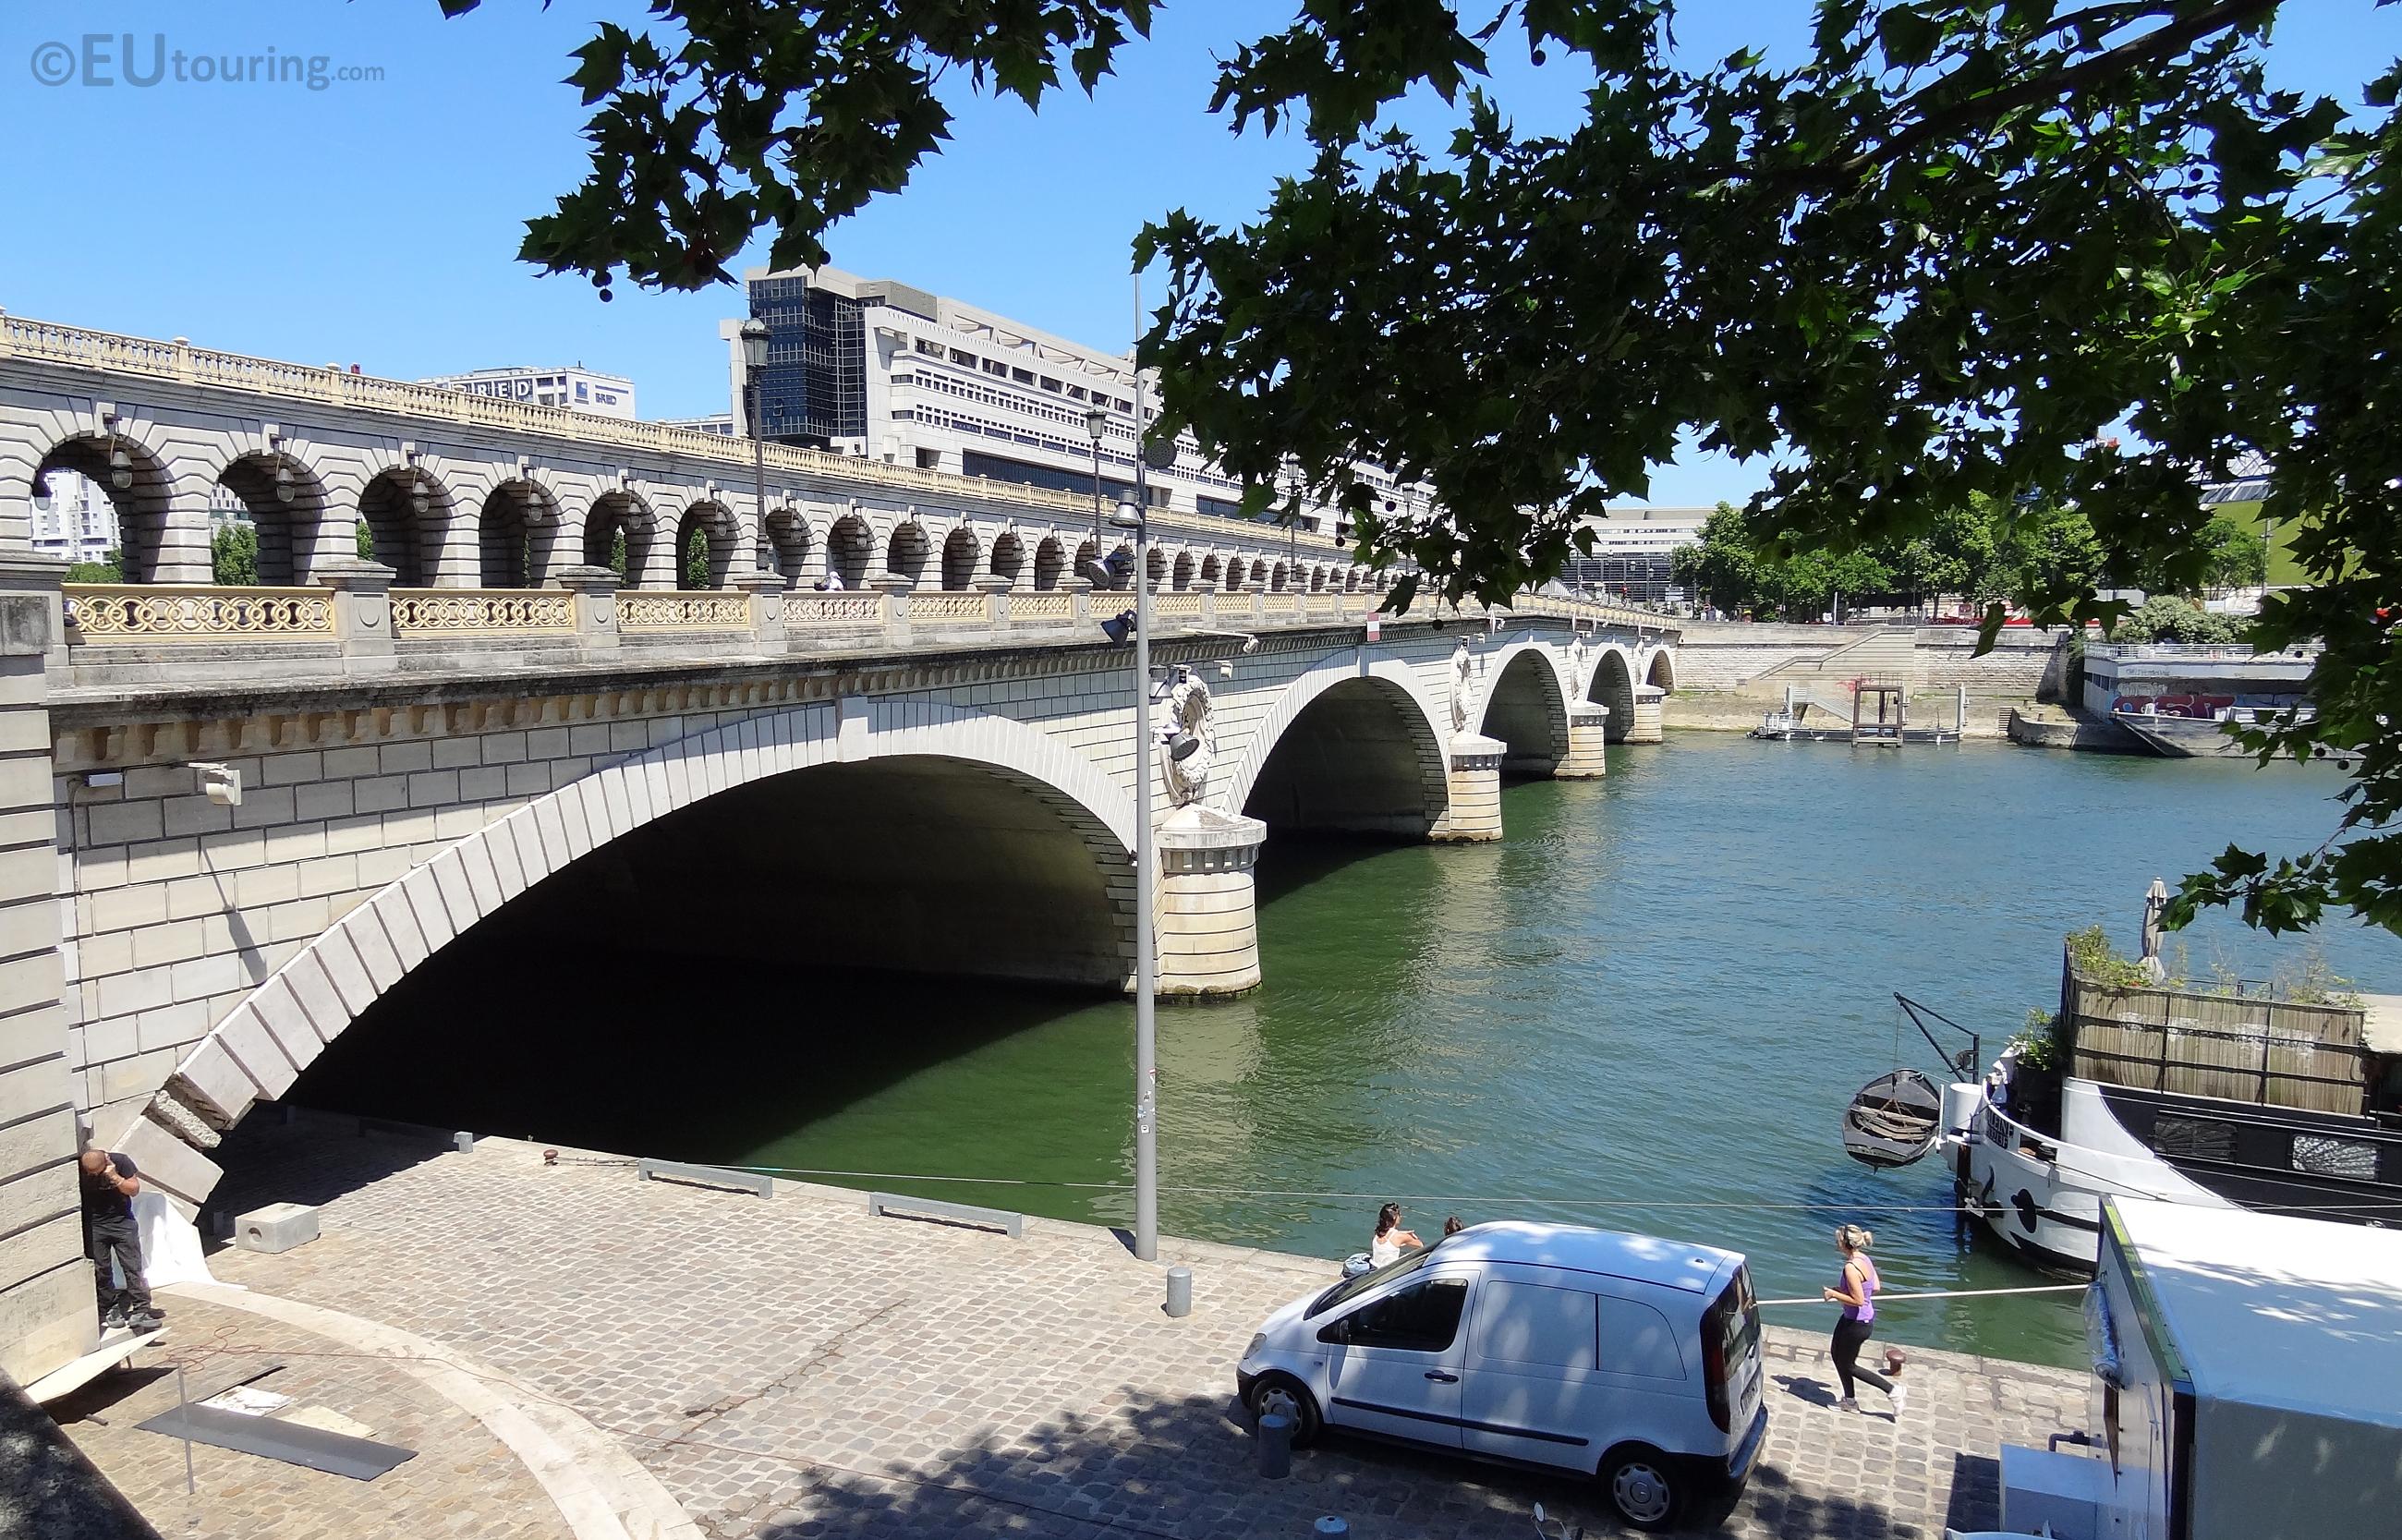 Pont de Bercy over the Seine